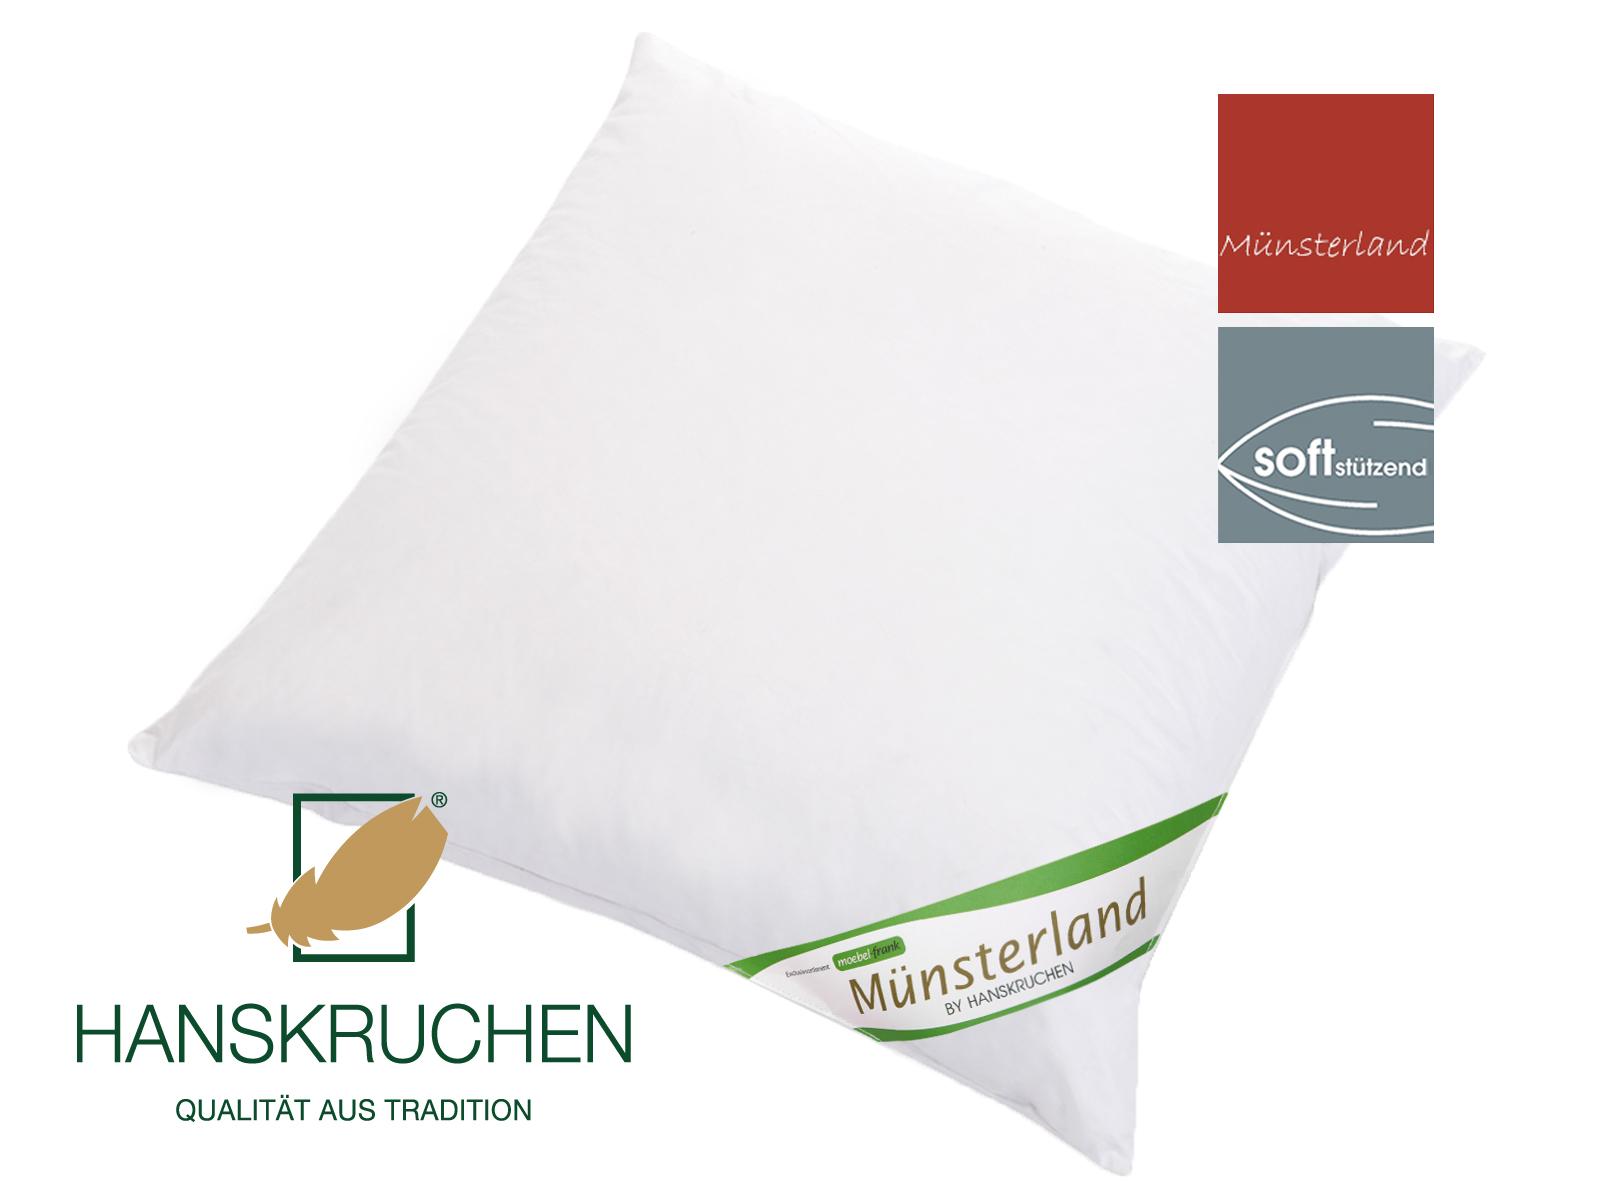 3-Kammer Kopfkissen neue Gänsedaune und -federn Baumwolle Münsterland 80x80cm und 40x80cm – Bild 4